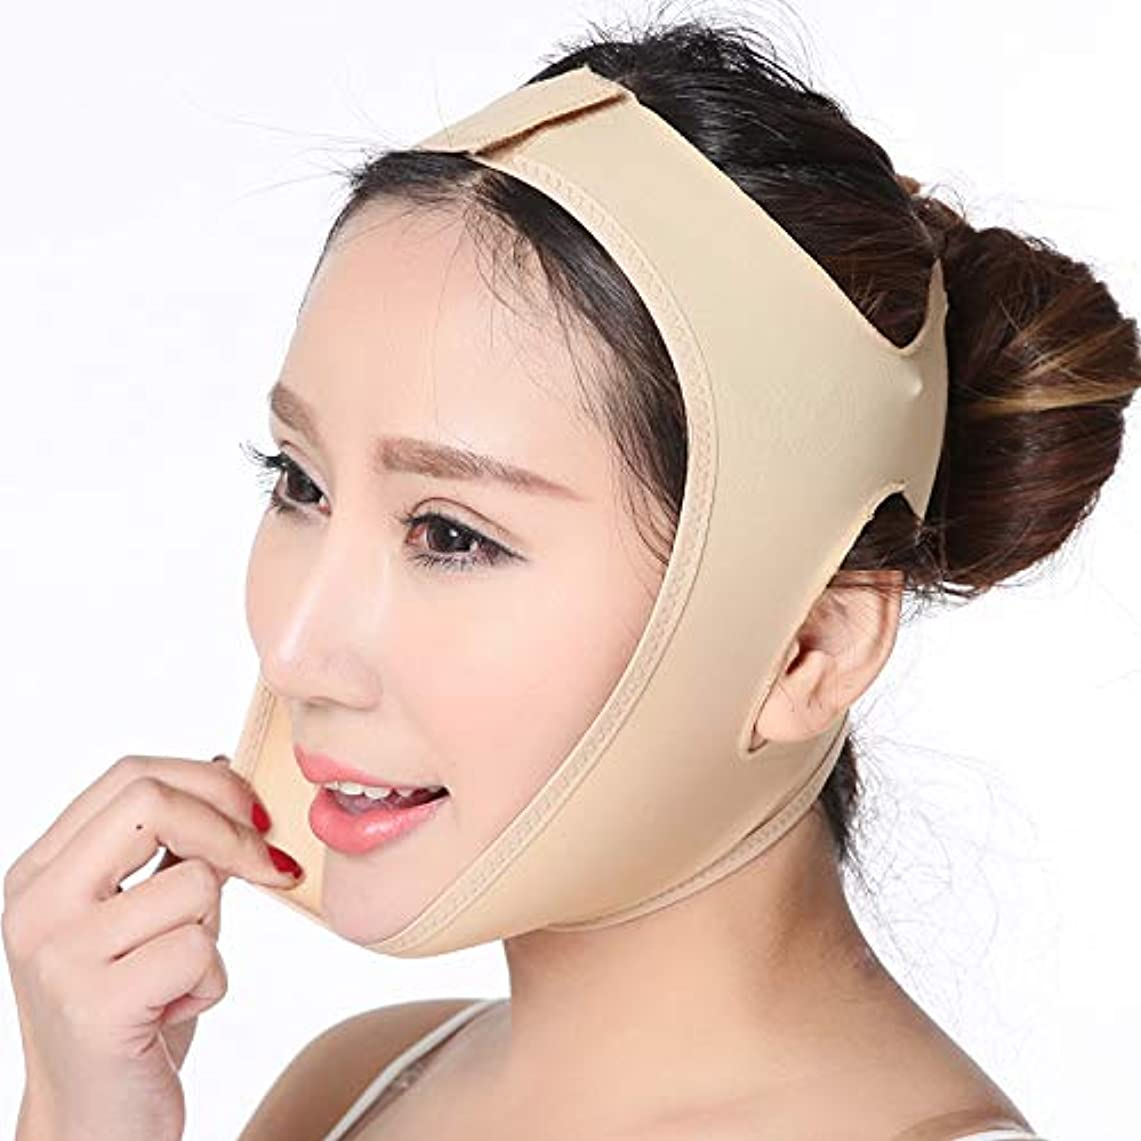 確認してください型シンカン顔の持ち上がる痩身ベルト、顔の頬のV字型リフトアップ薄いマスクストラップフェイスライン滑らかな通気性の圧縮二重あご包帯を減らす (S)